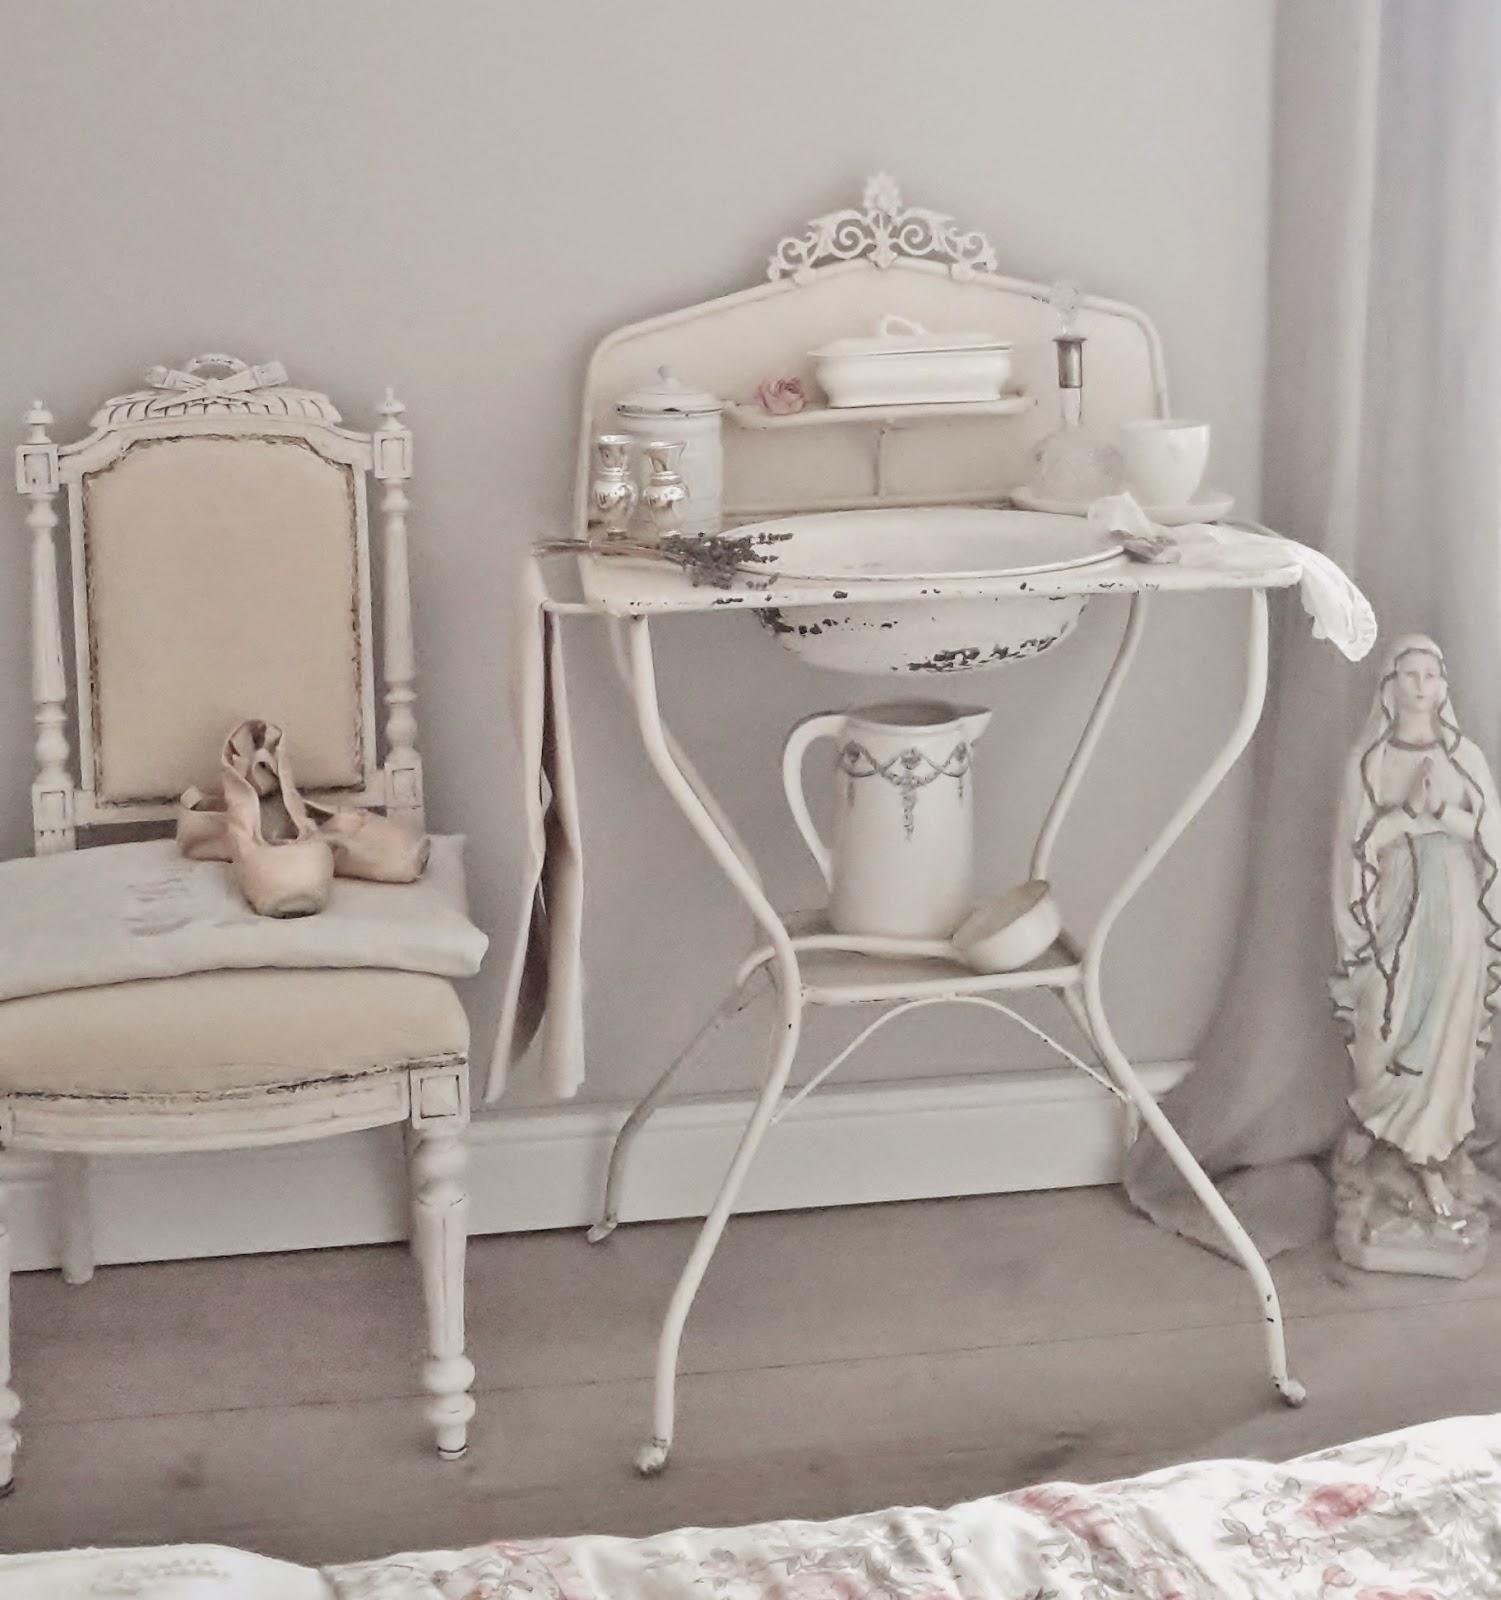 brocante charmante fundst ck des monats alter waschtisch aus frankreich. Black Bedroom Furniture Sets. Home Design Ideas